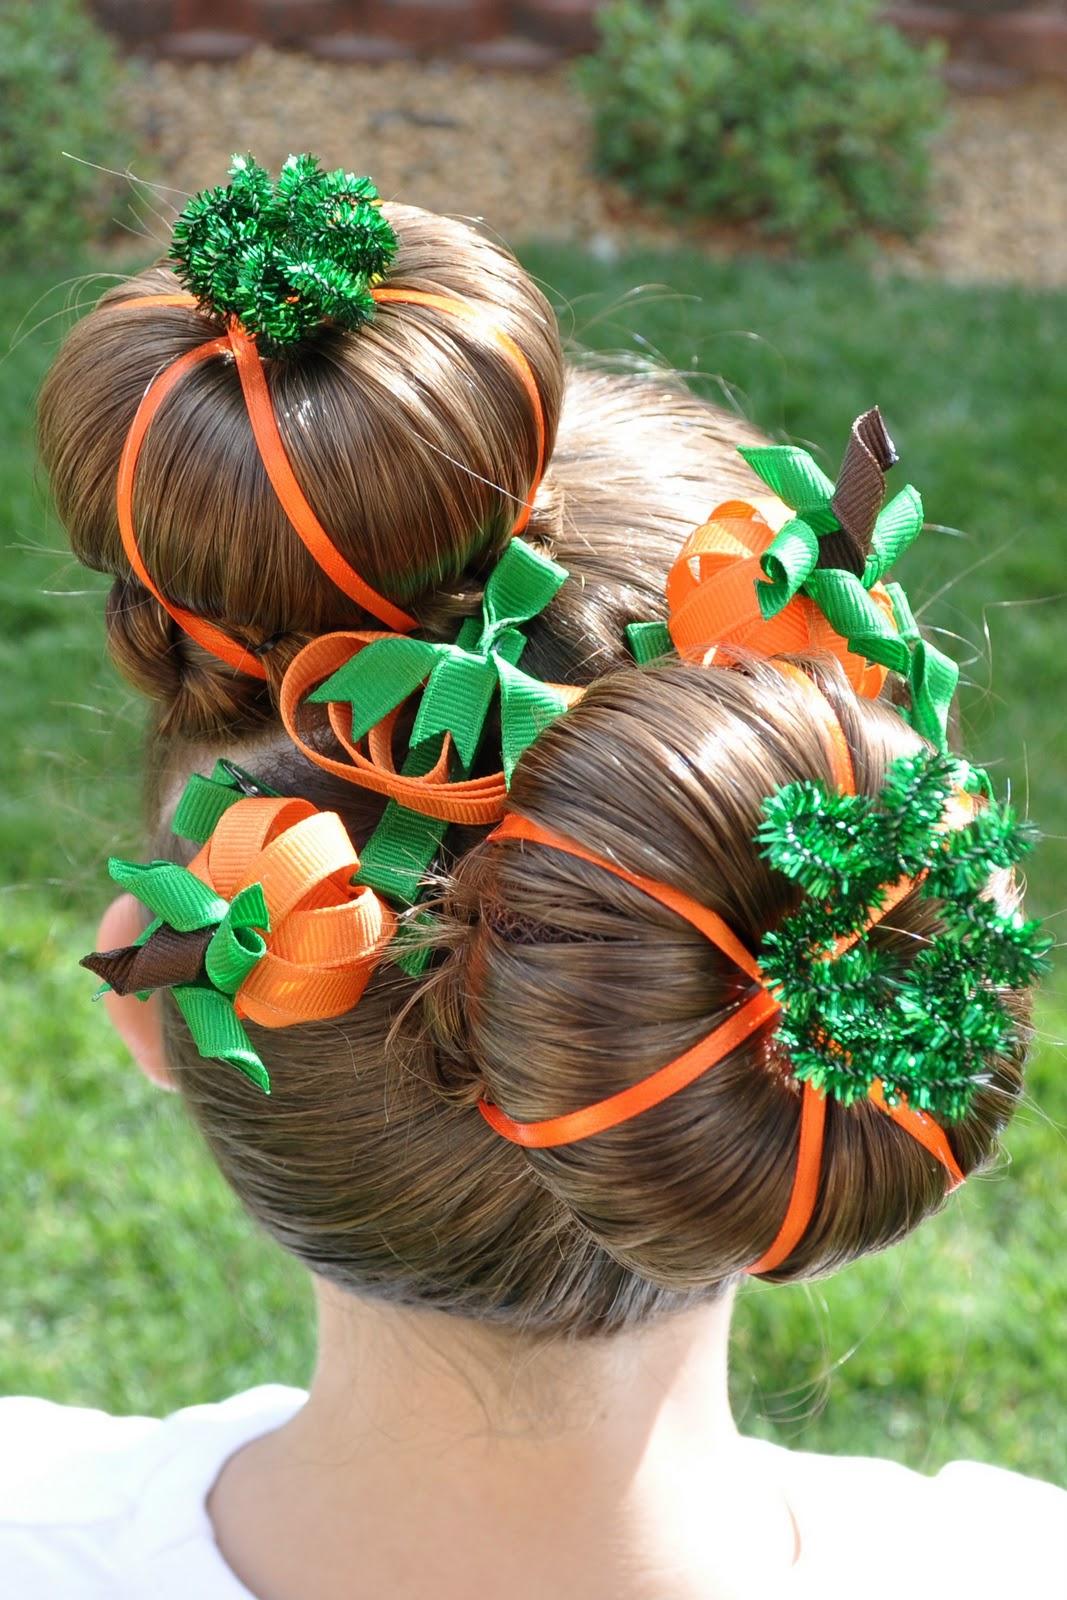 Лёгкие причёски на праздник для детей